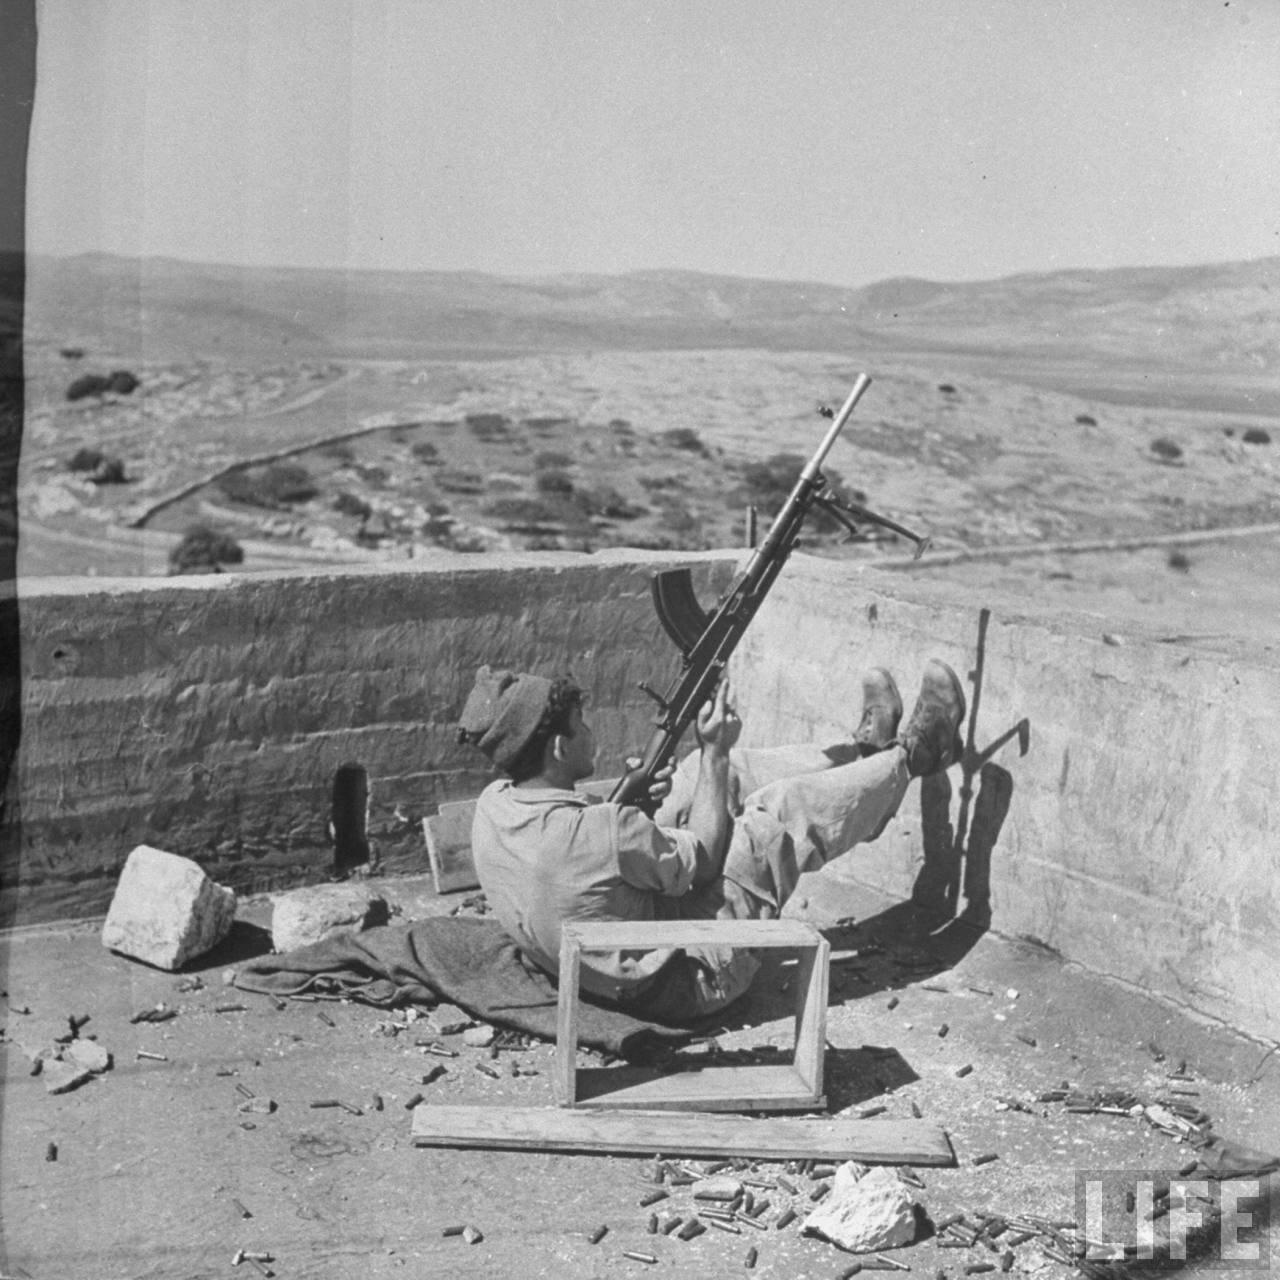 1948. Израильский солдат на боевом посту